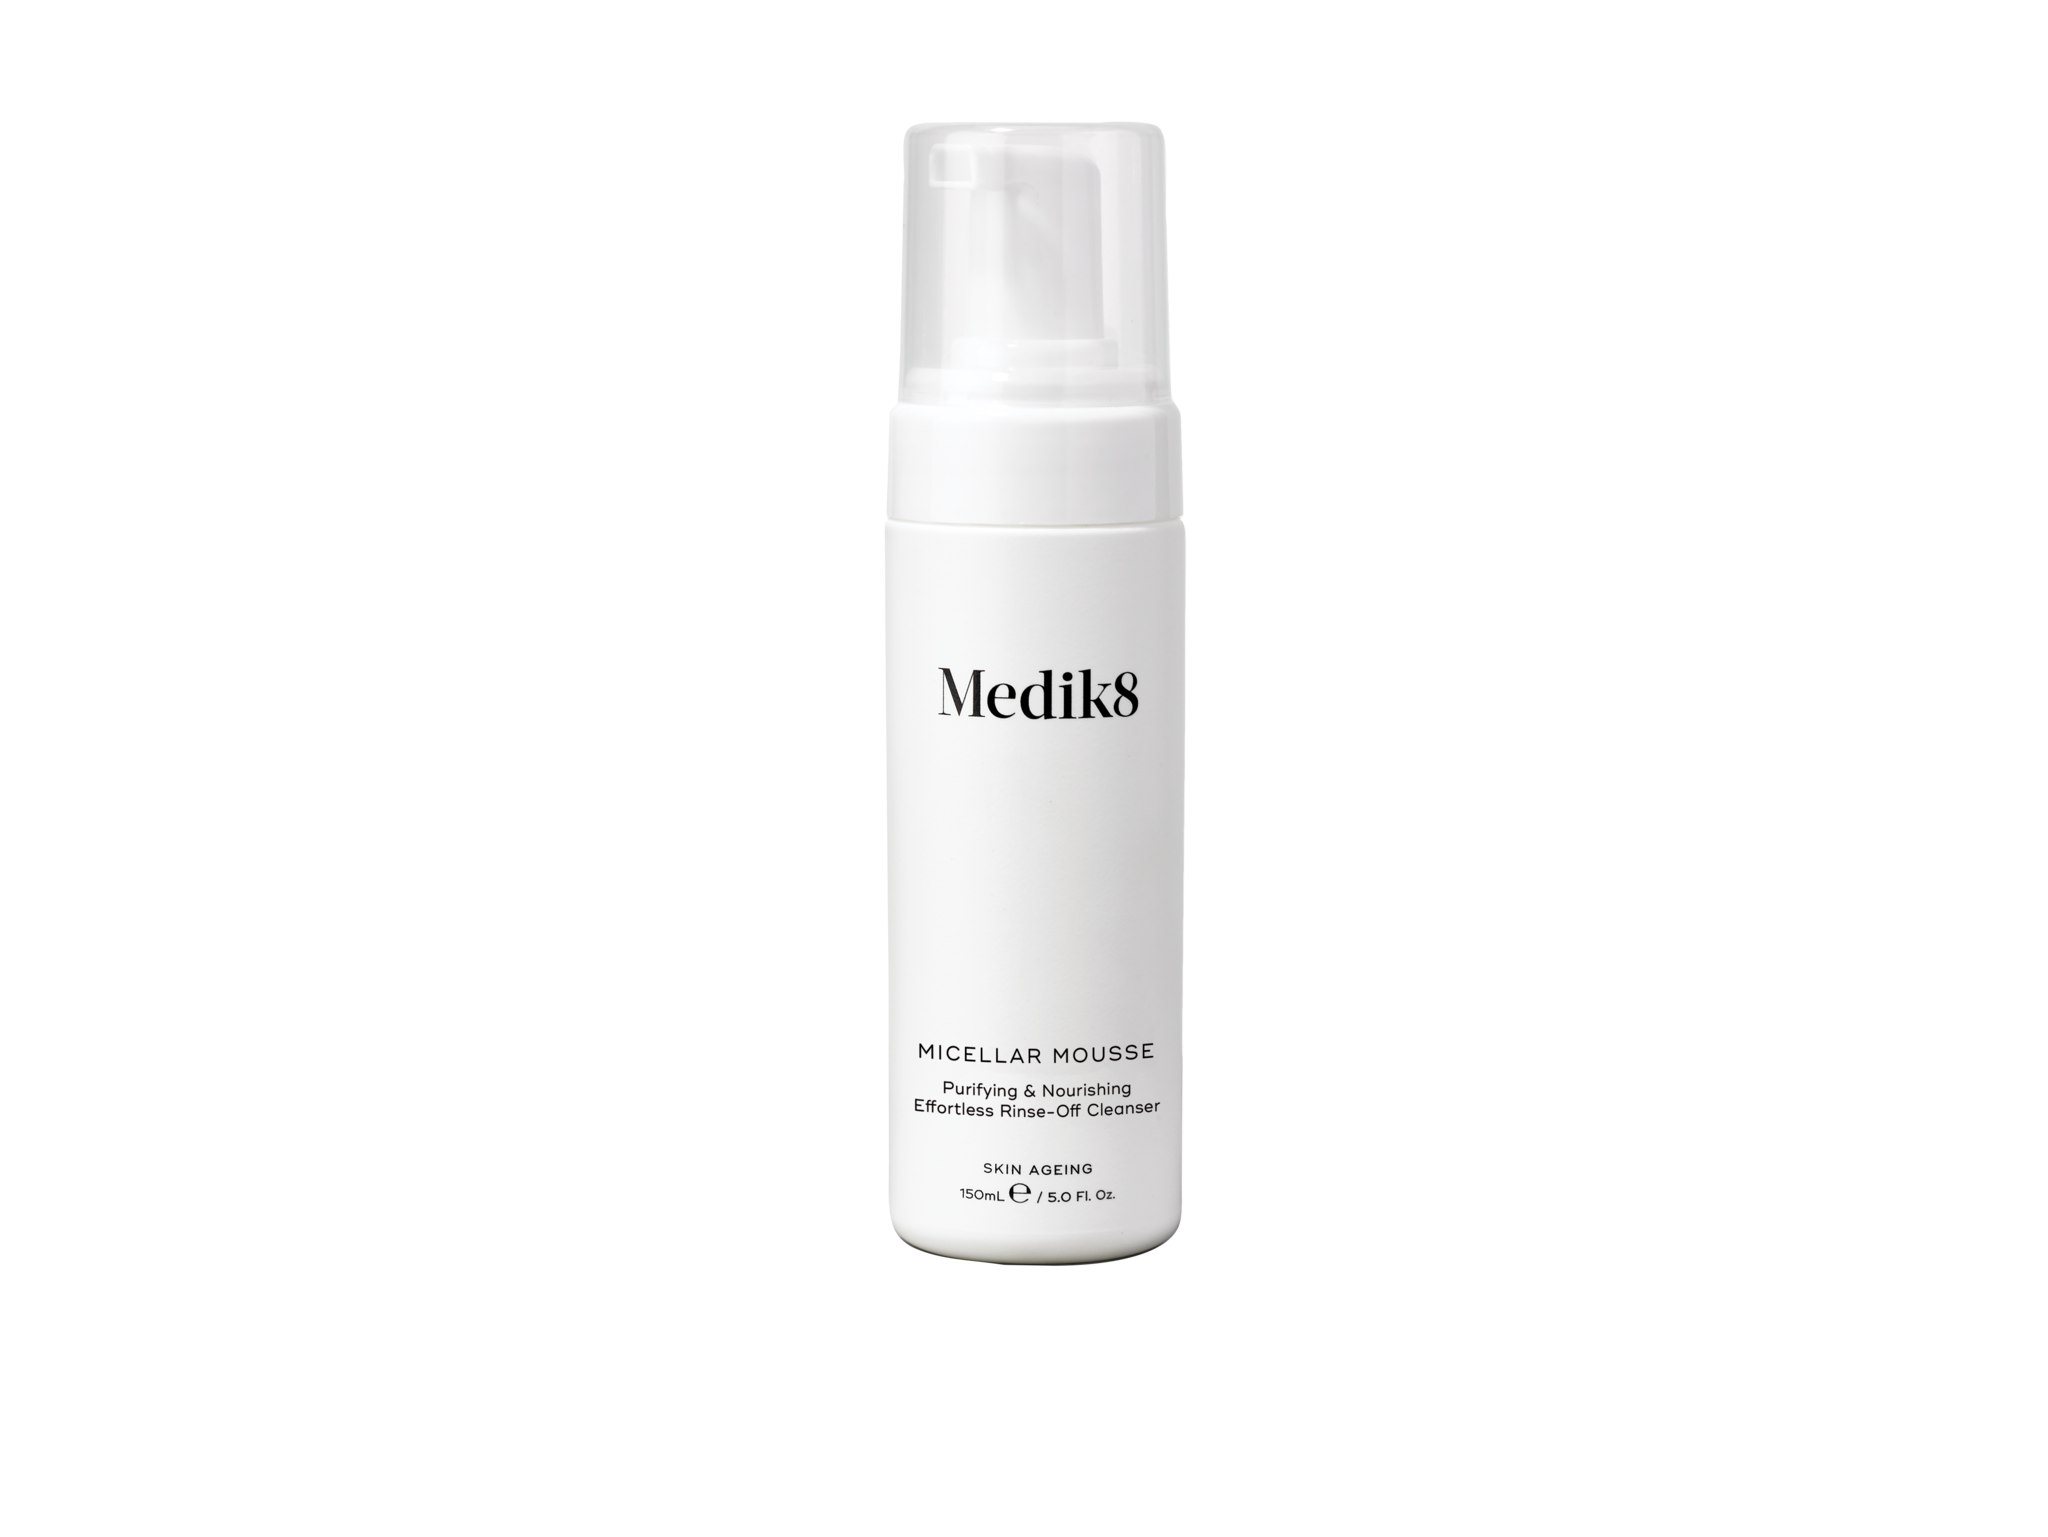 Medik8 Micellar Mousse | Purifying & Nourishing Effortless Rinse-Off Cleanser | 150ml